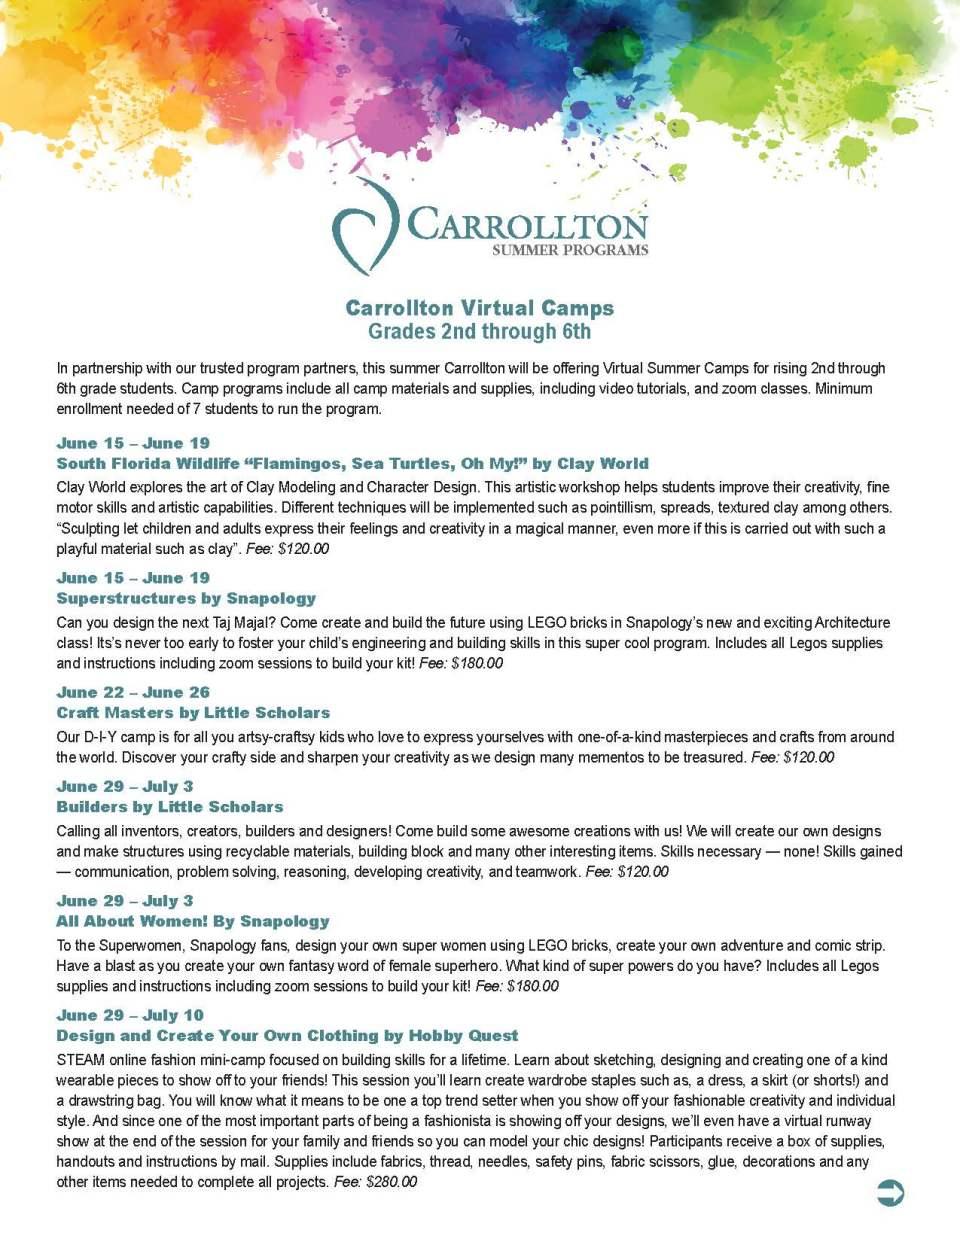 Carrollton Virtual Camps Grades 2nd through 6th